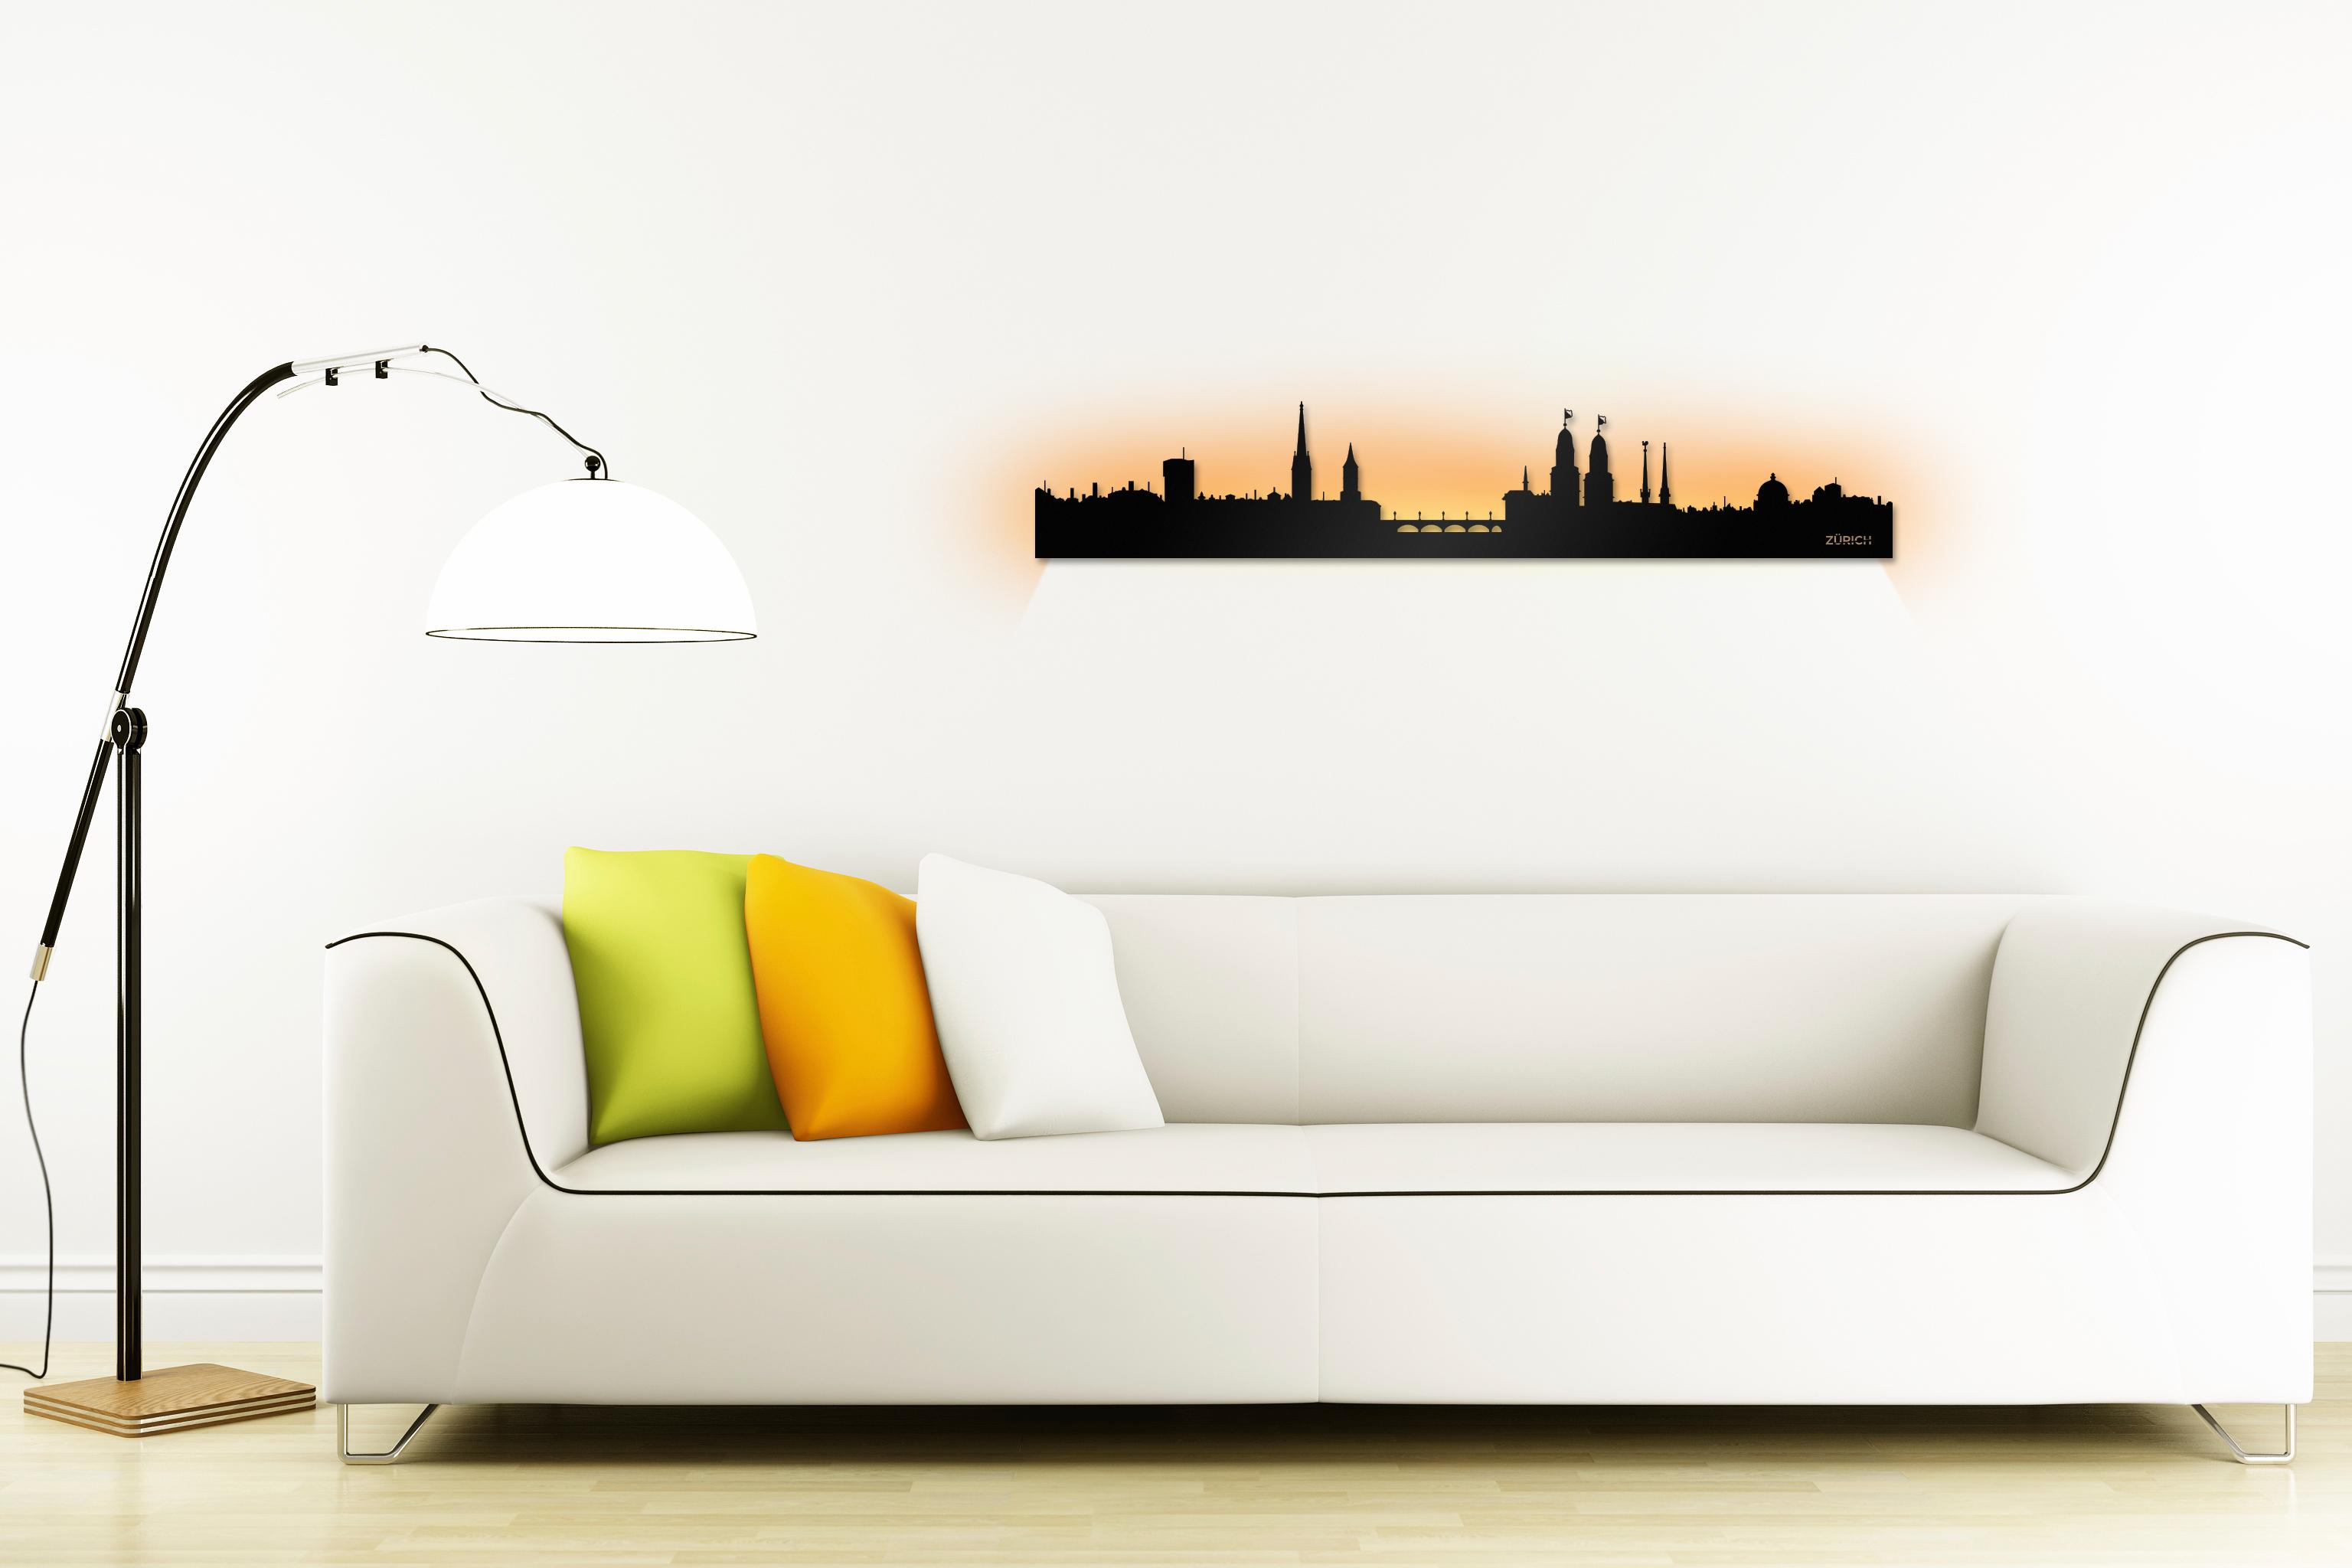 led skyline z rich. Black Bedroom Furniture Sets. Home Design Ideas